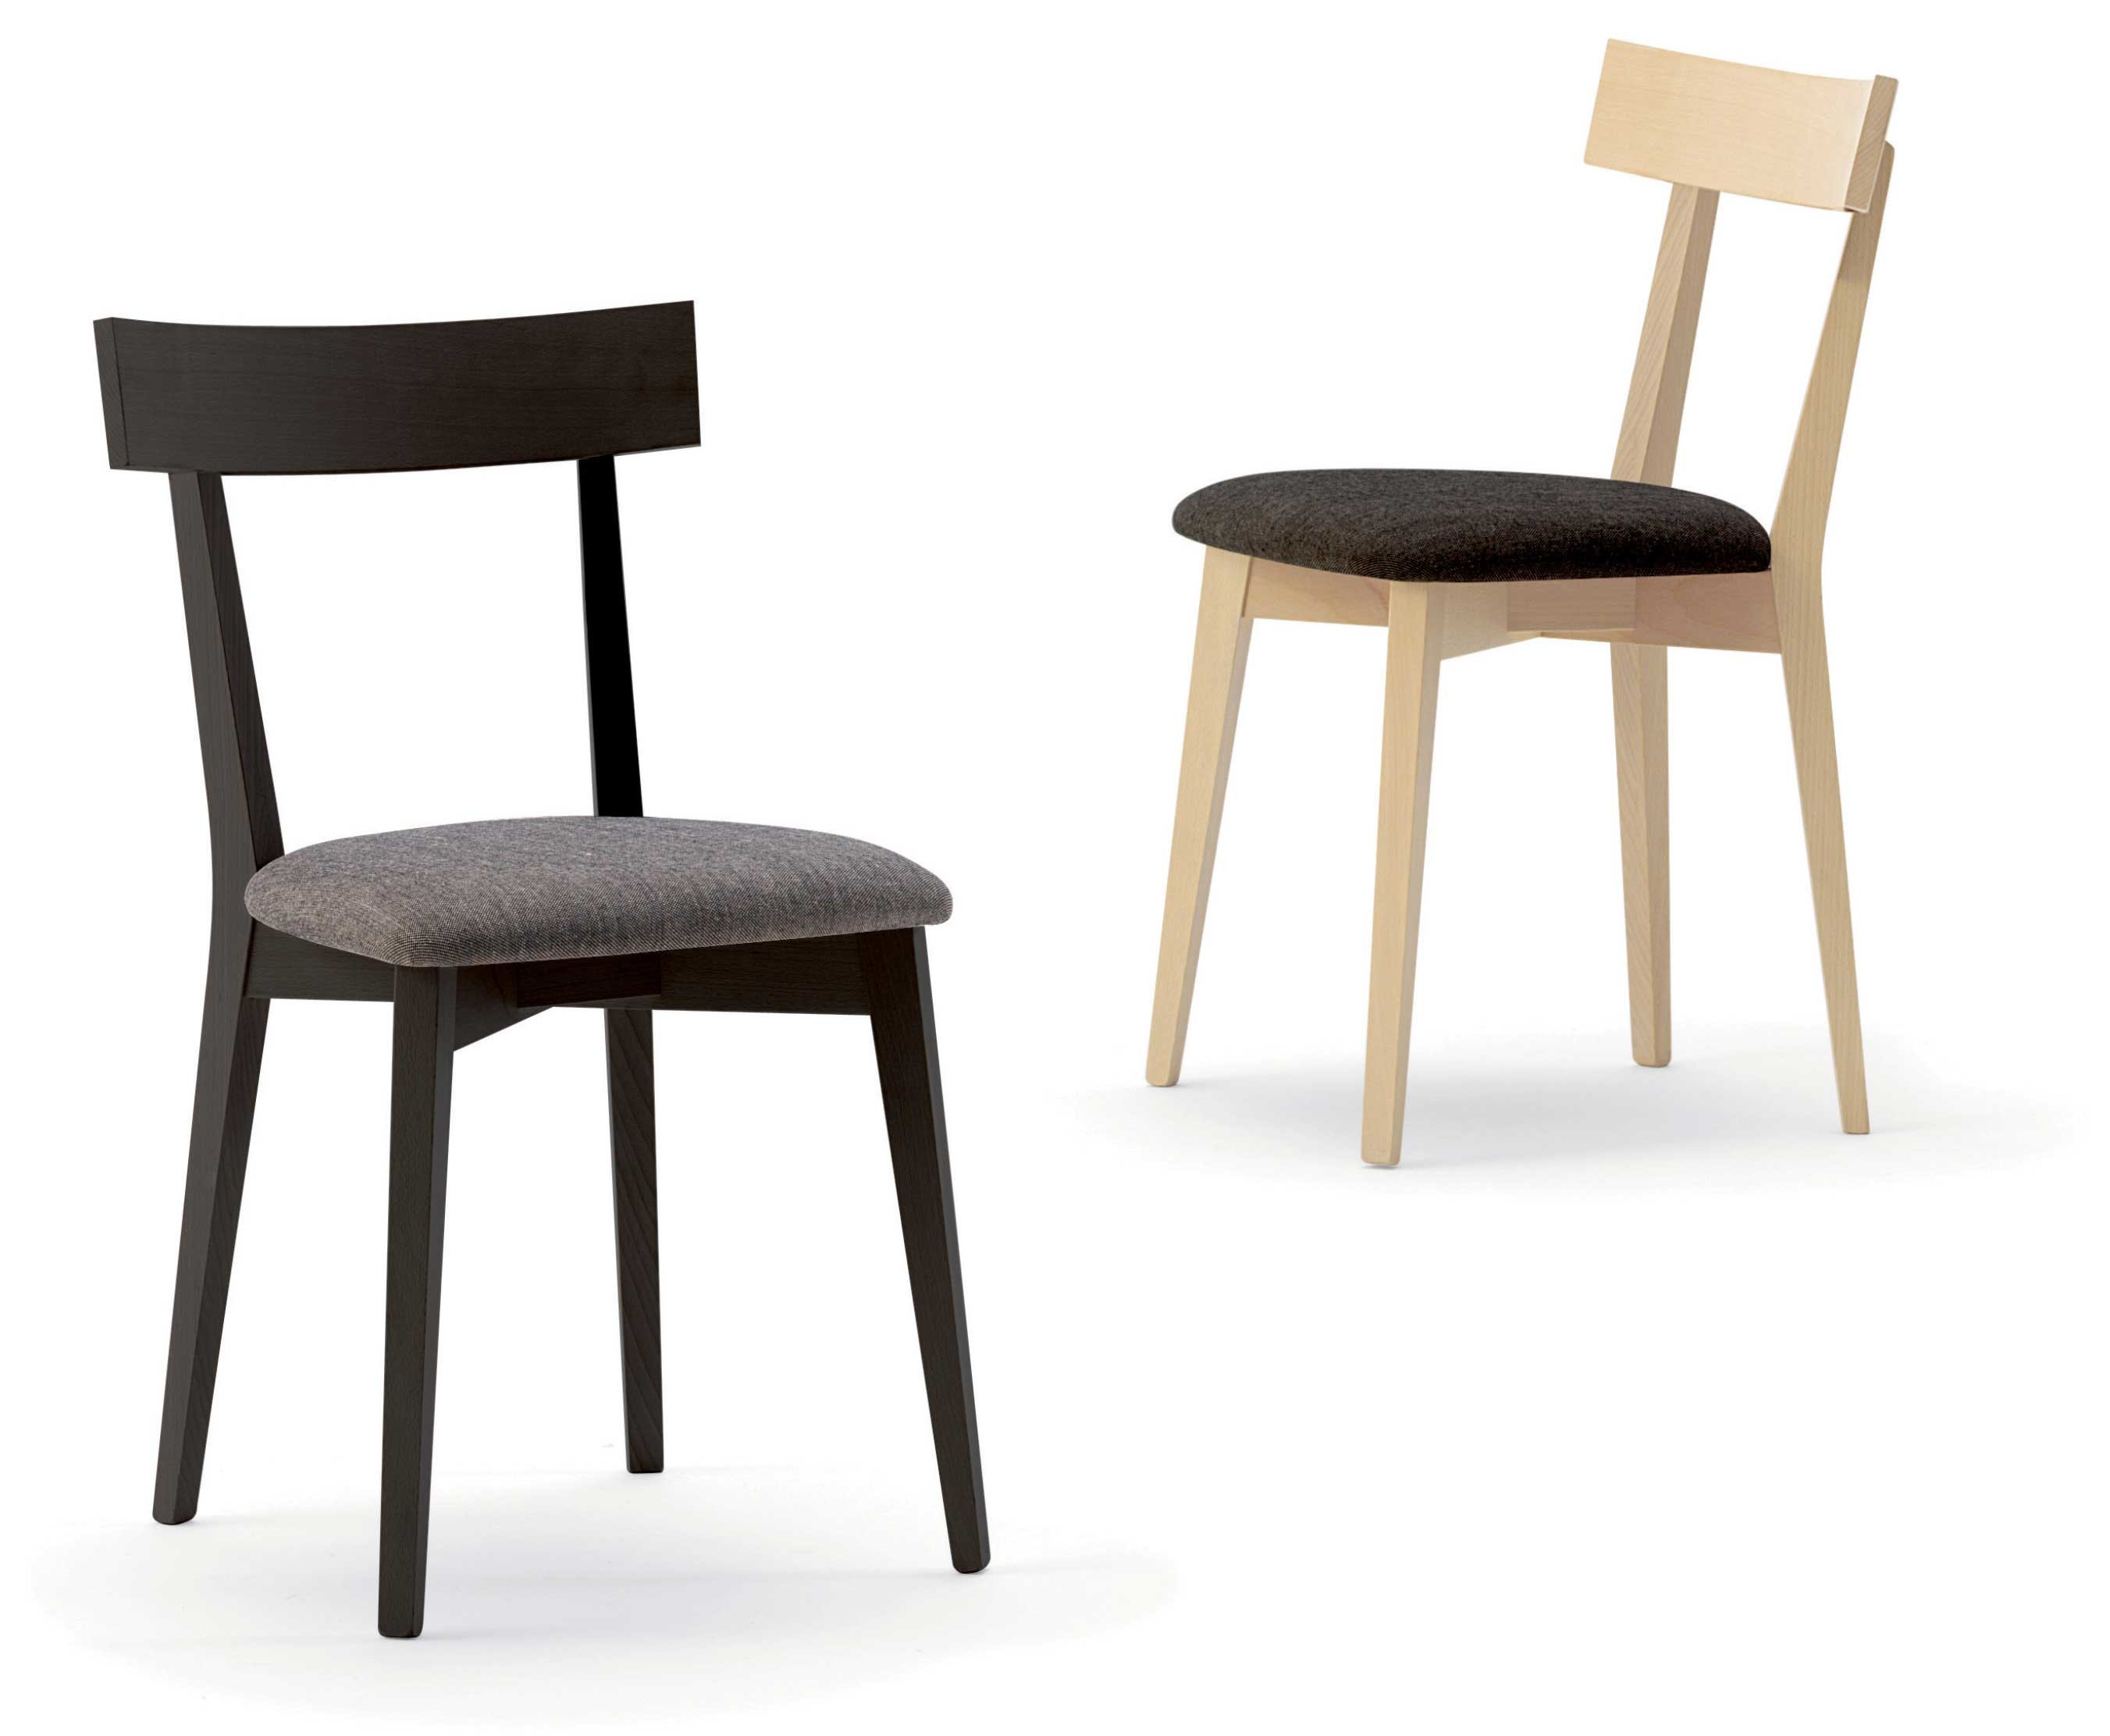 Sedute Per Sedie In Legno.Clip Sedia In Legno Seduta Imbottita O In Massello Agape Forniture